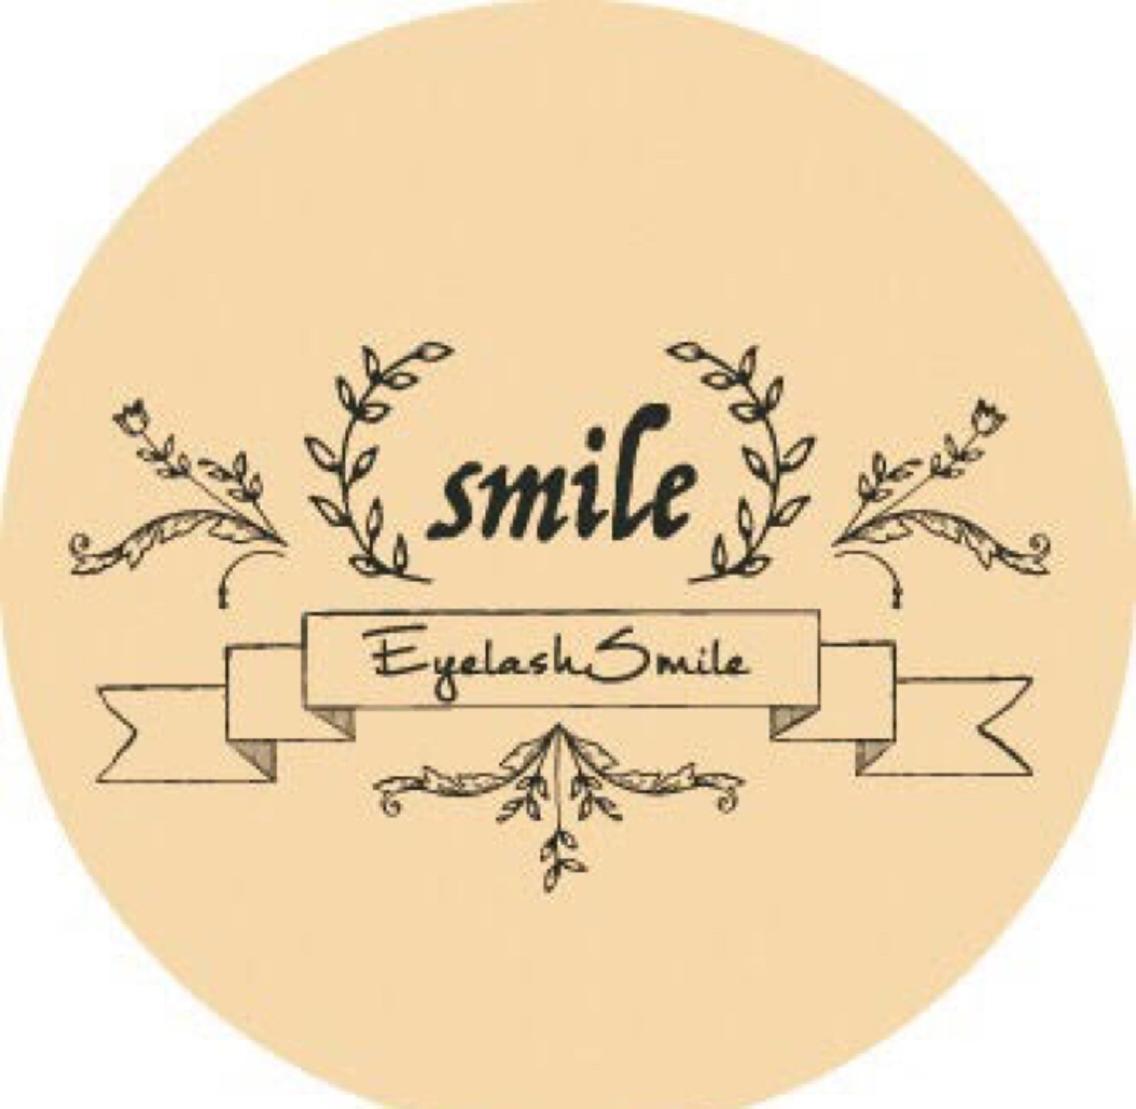 eyelashsmile所属・eyelash smileの掲載